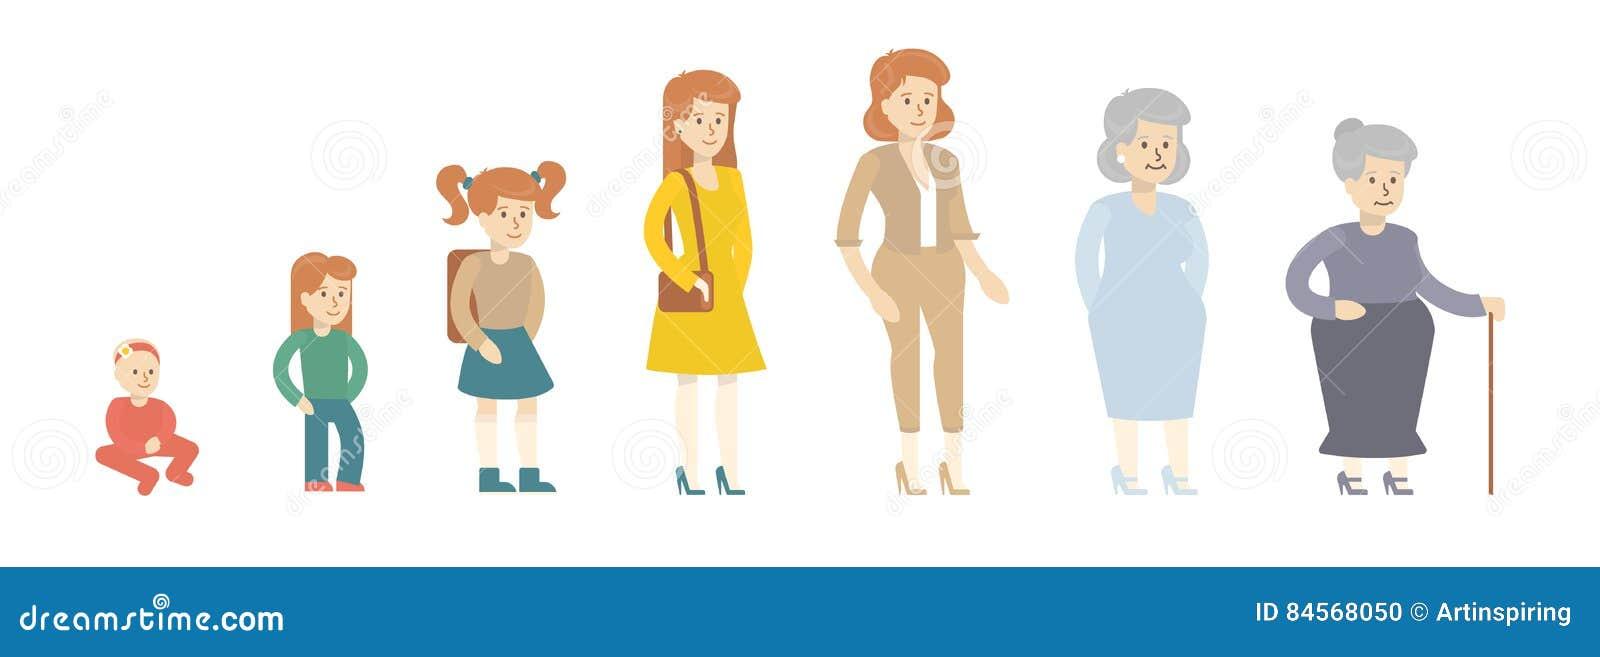 Женское развитие времени